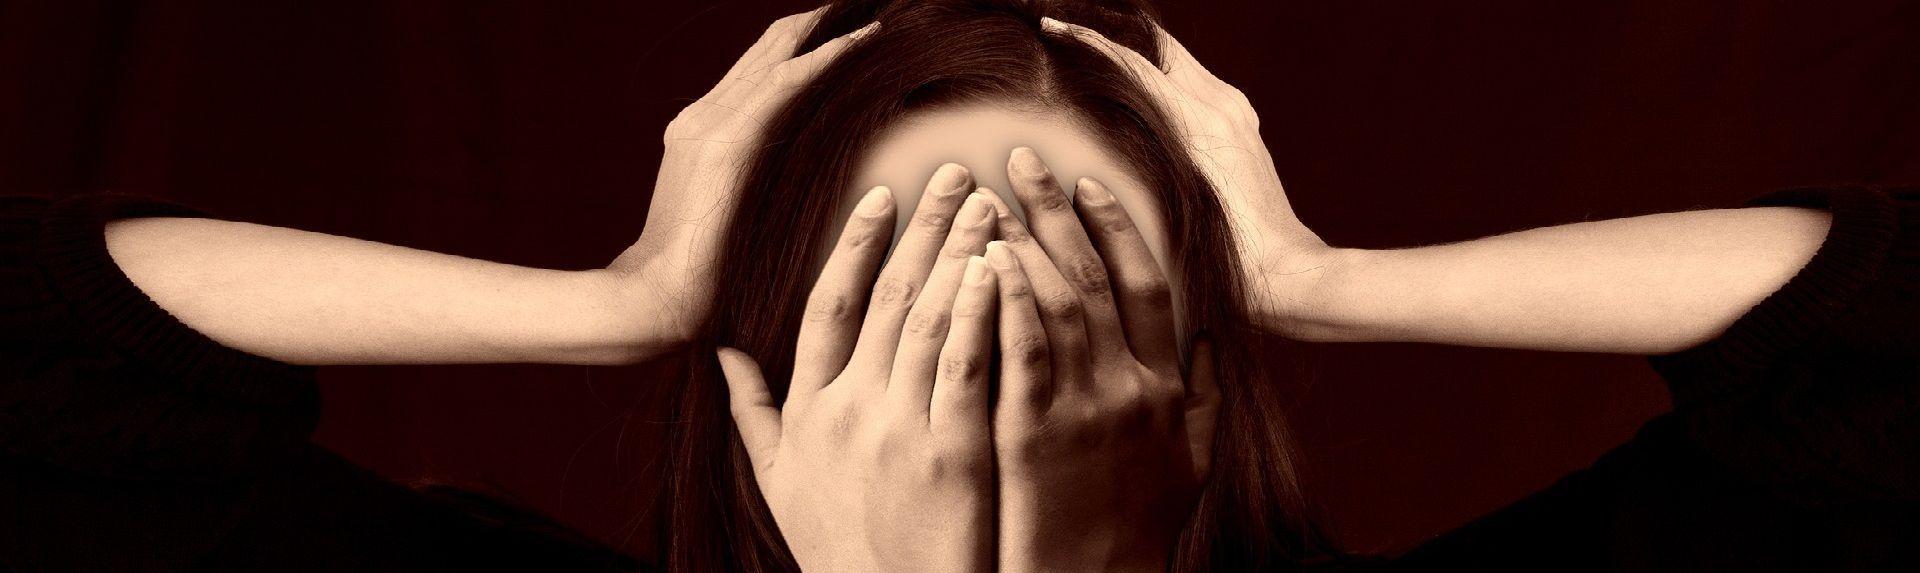 Повышение давления при климаксе: причины, симптомы, лечение